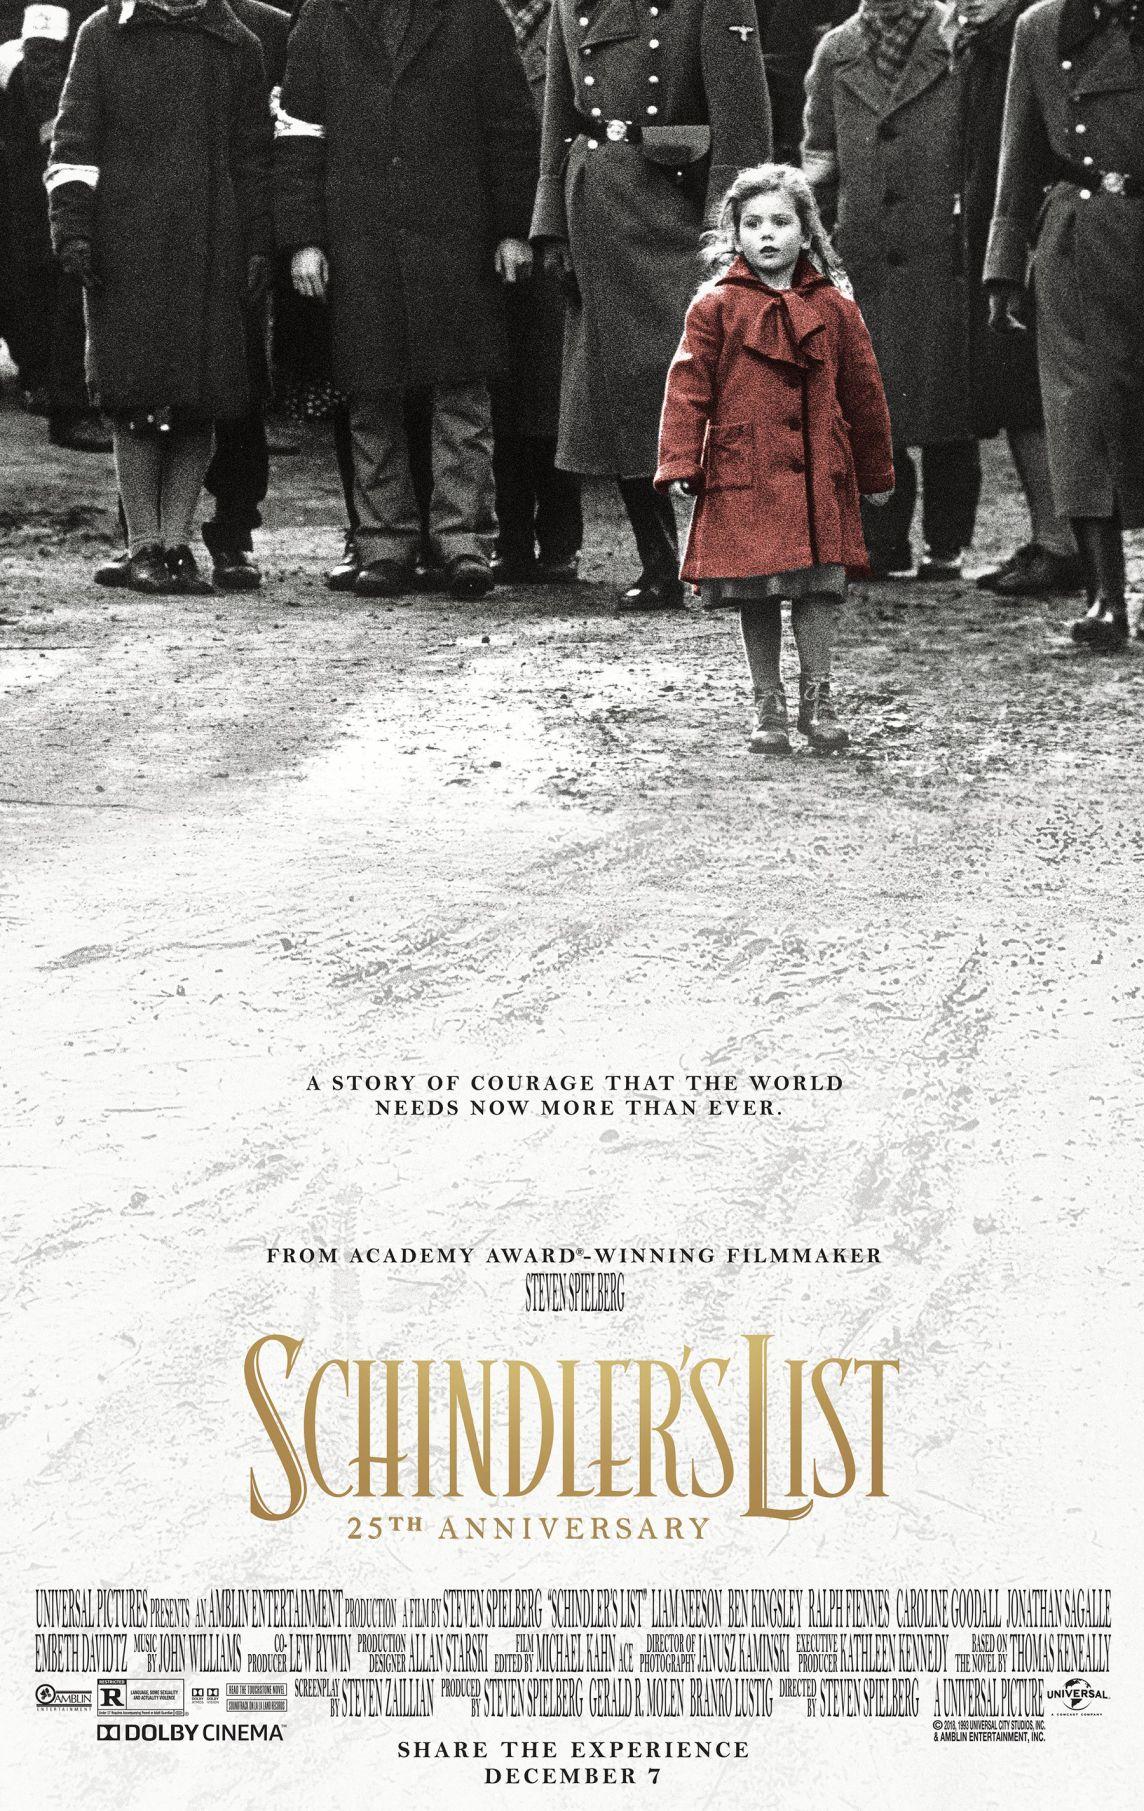 schindlers list movie minis